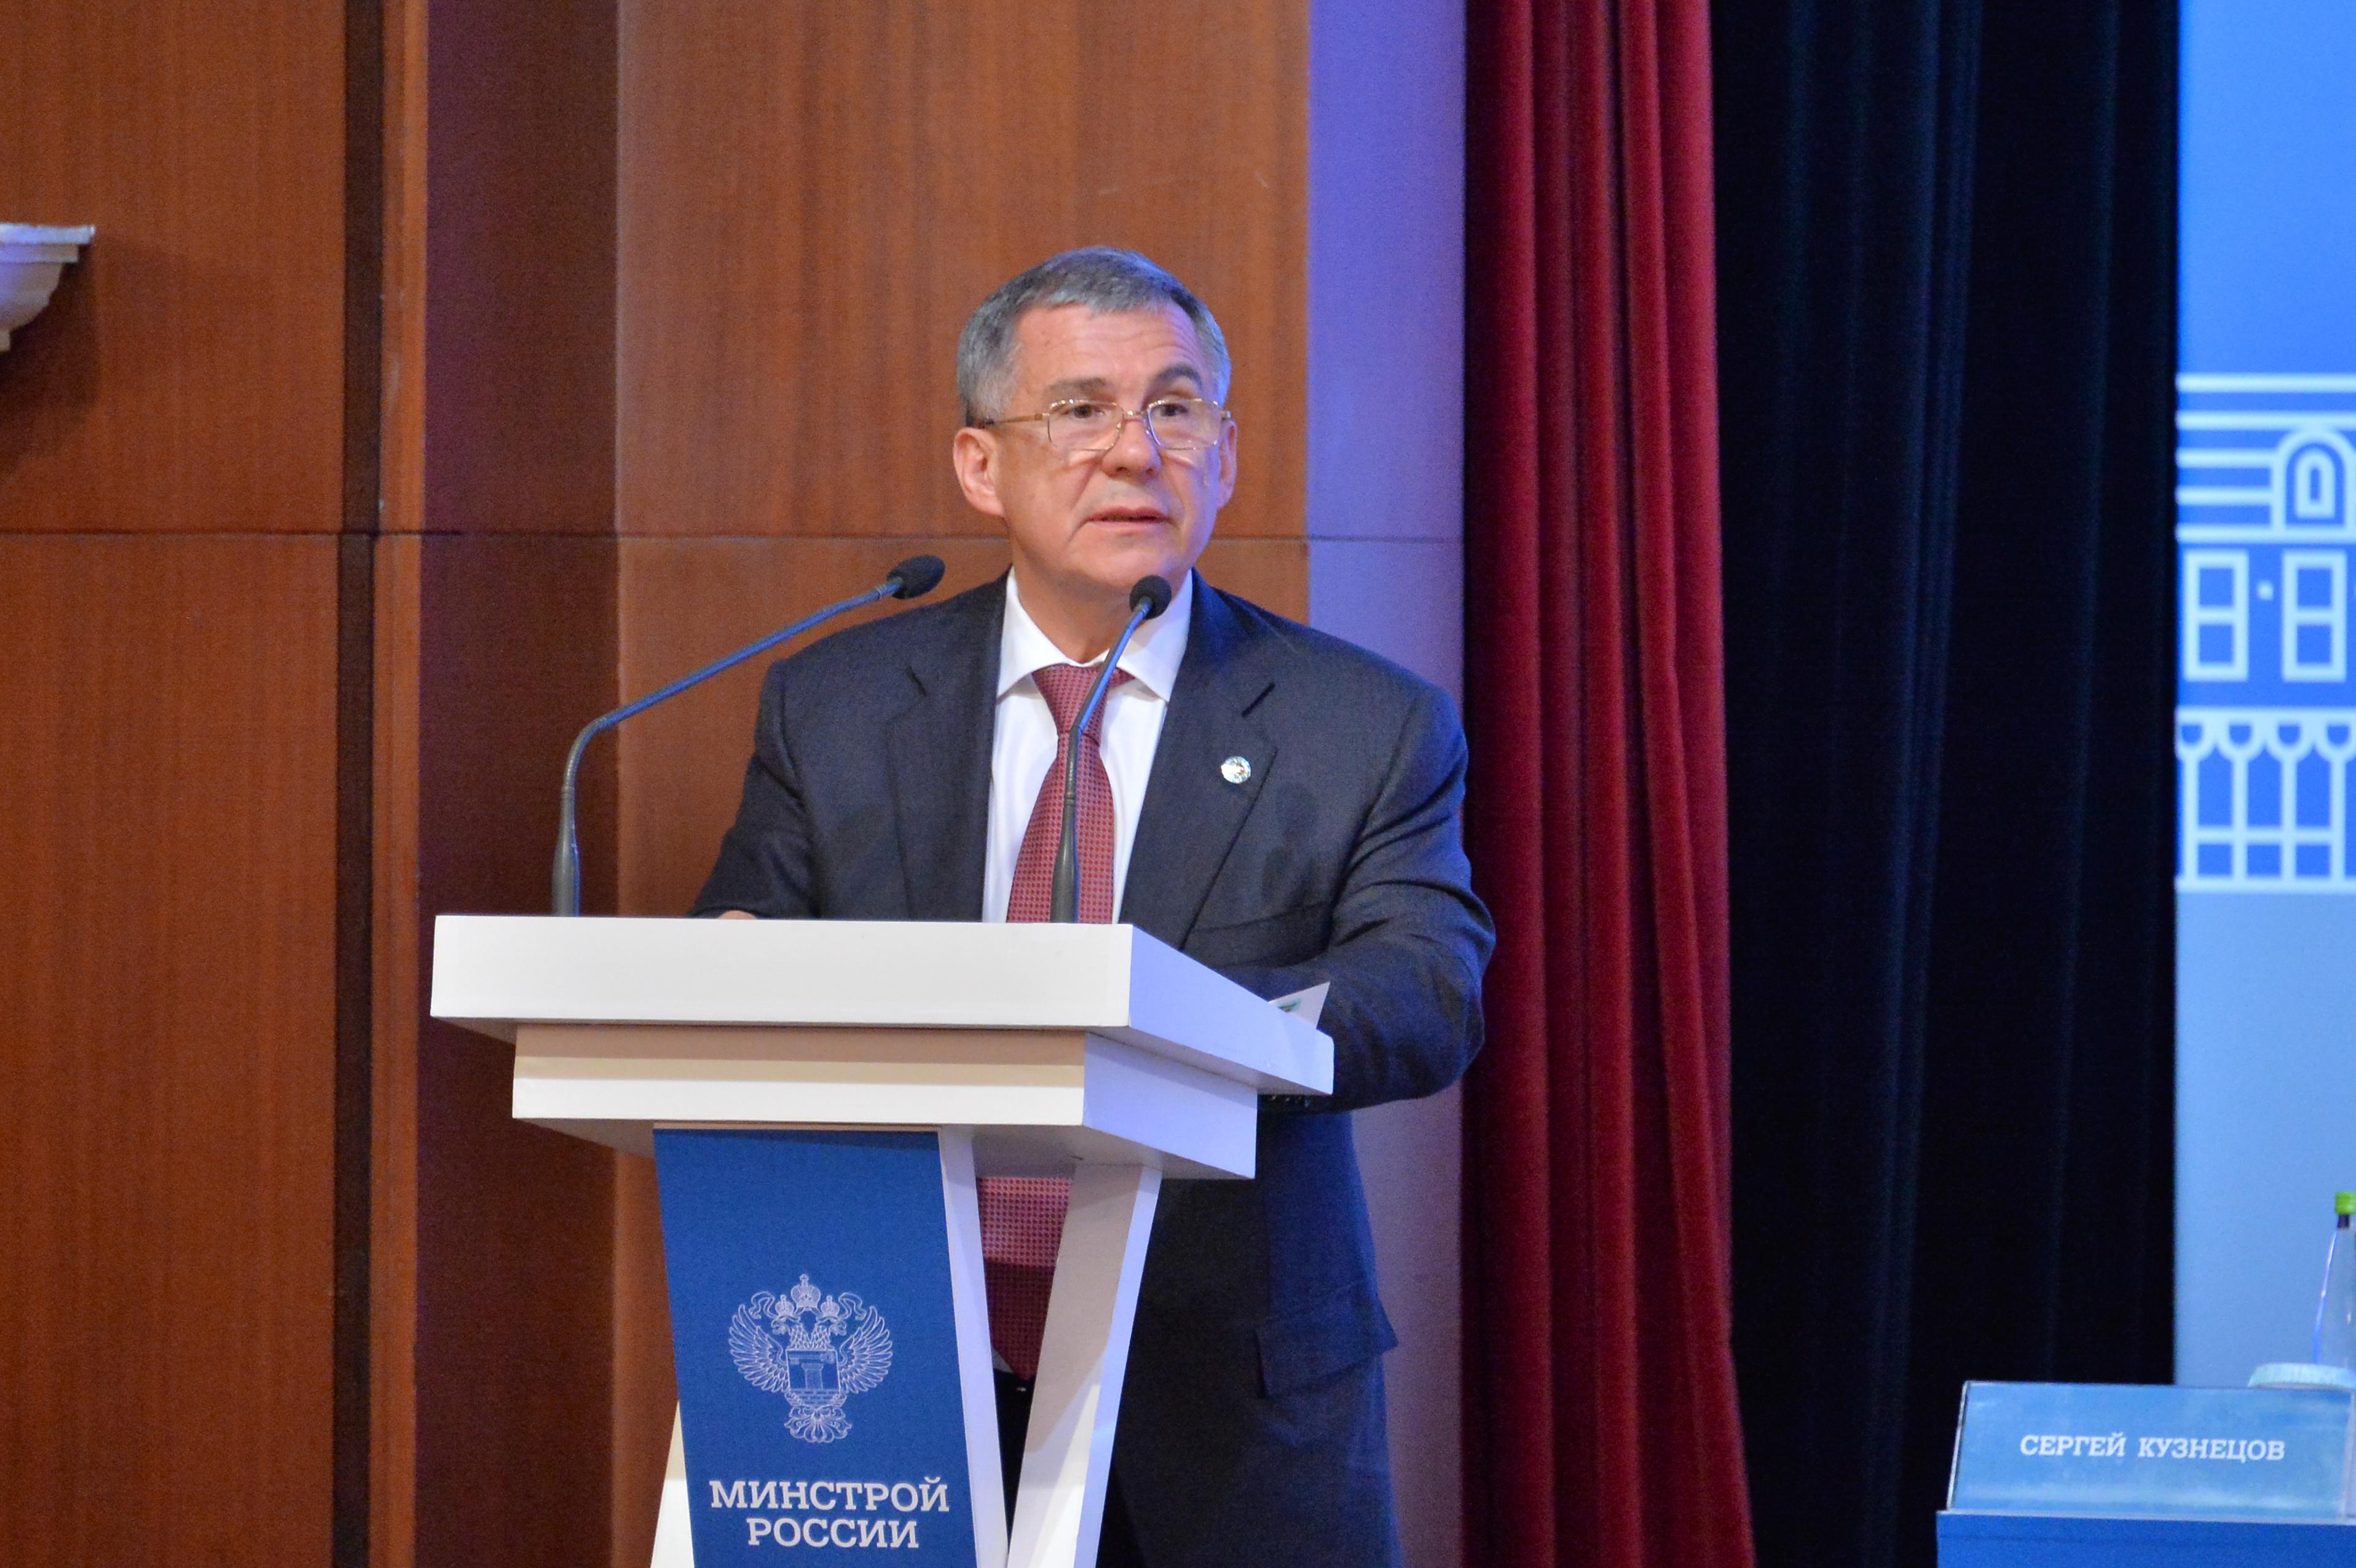 Руководитель МинстрояРФ запустил вКазани семинар посозданию комфортной городской среды